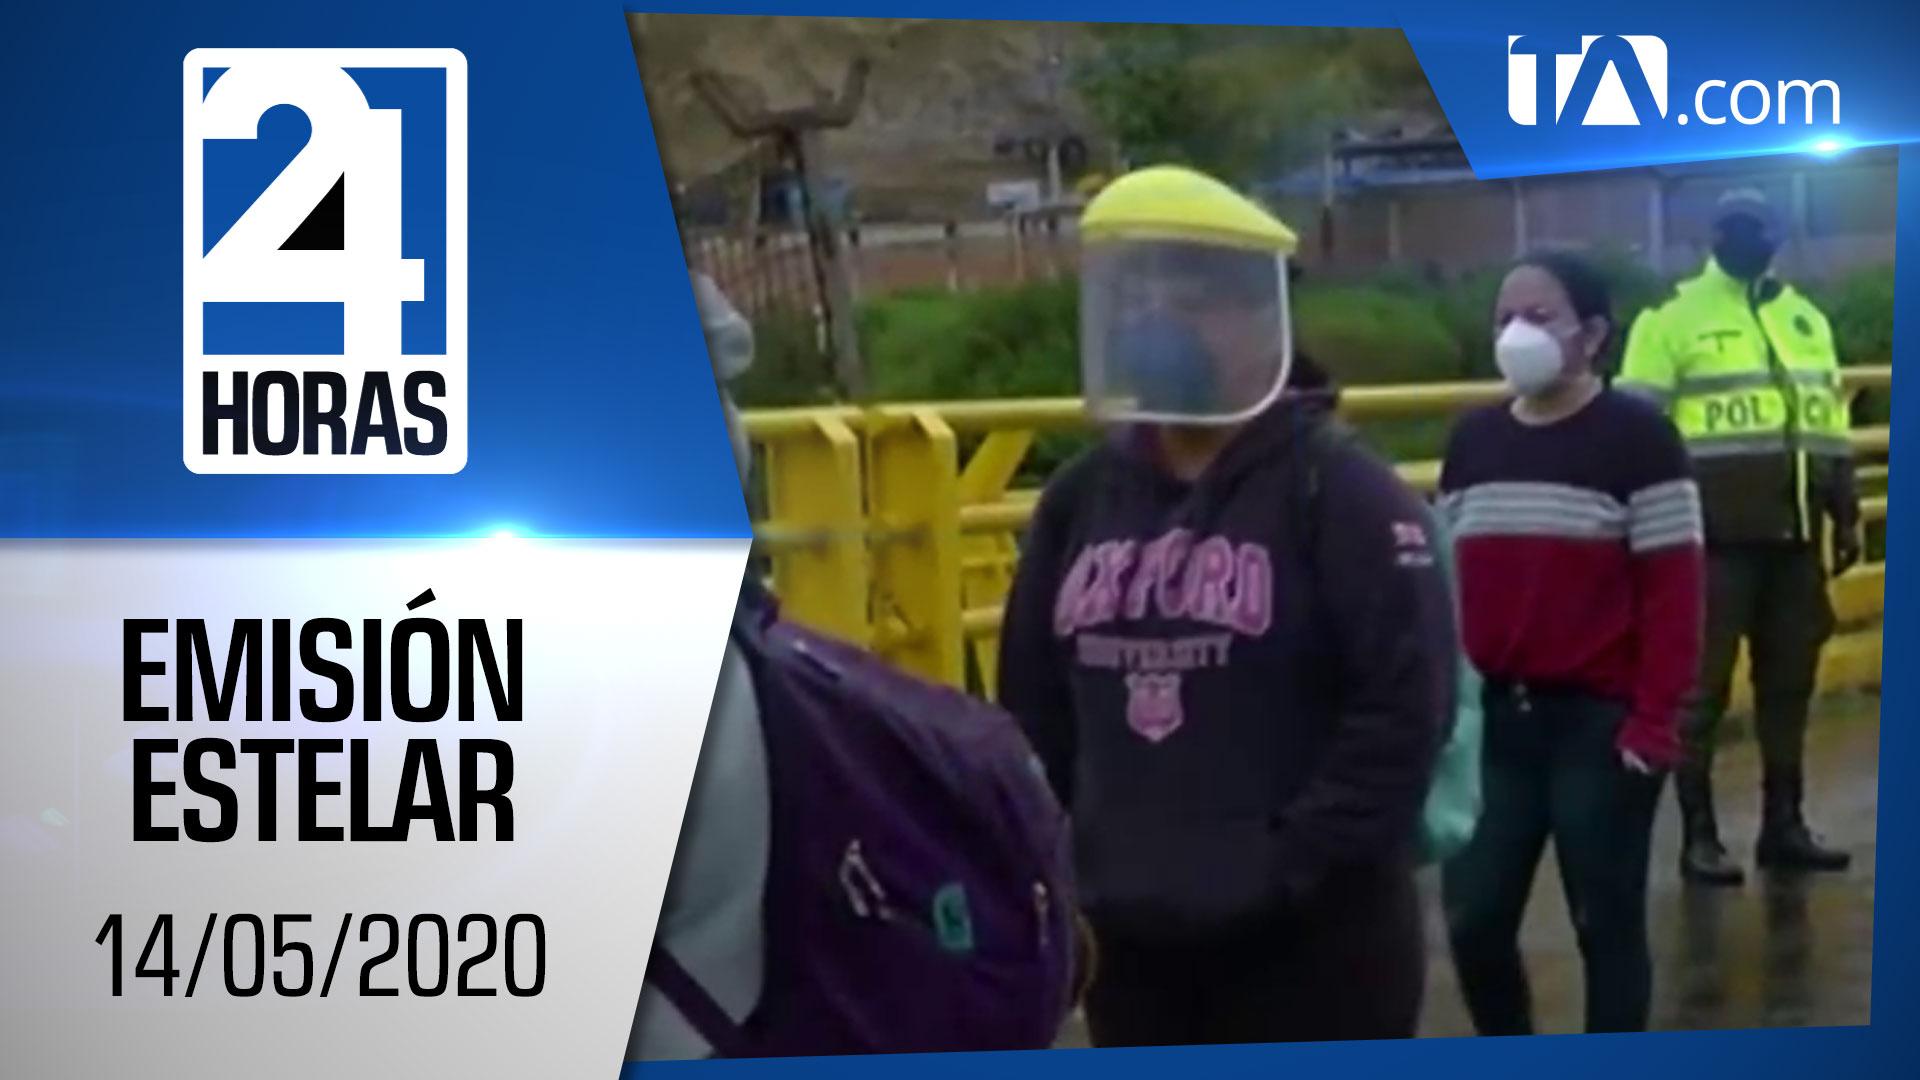 Noticias Ecuador: Noticiero 24 Horas, 14/05/2020 (Emisión Estelar)